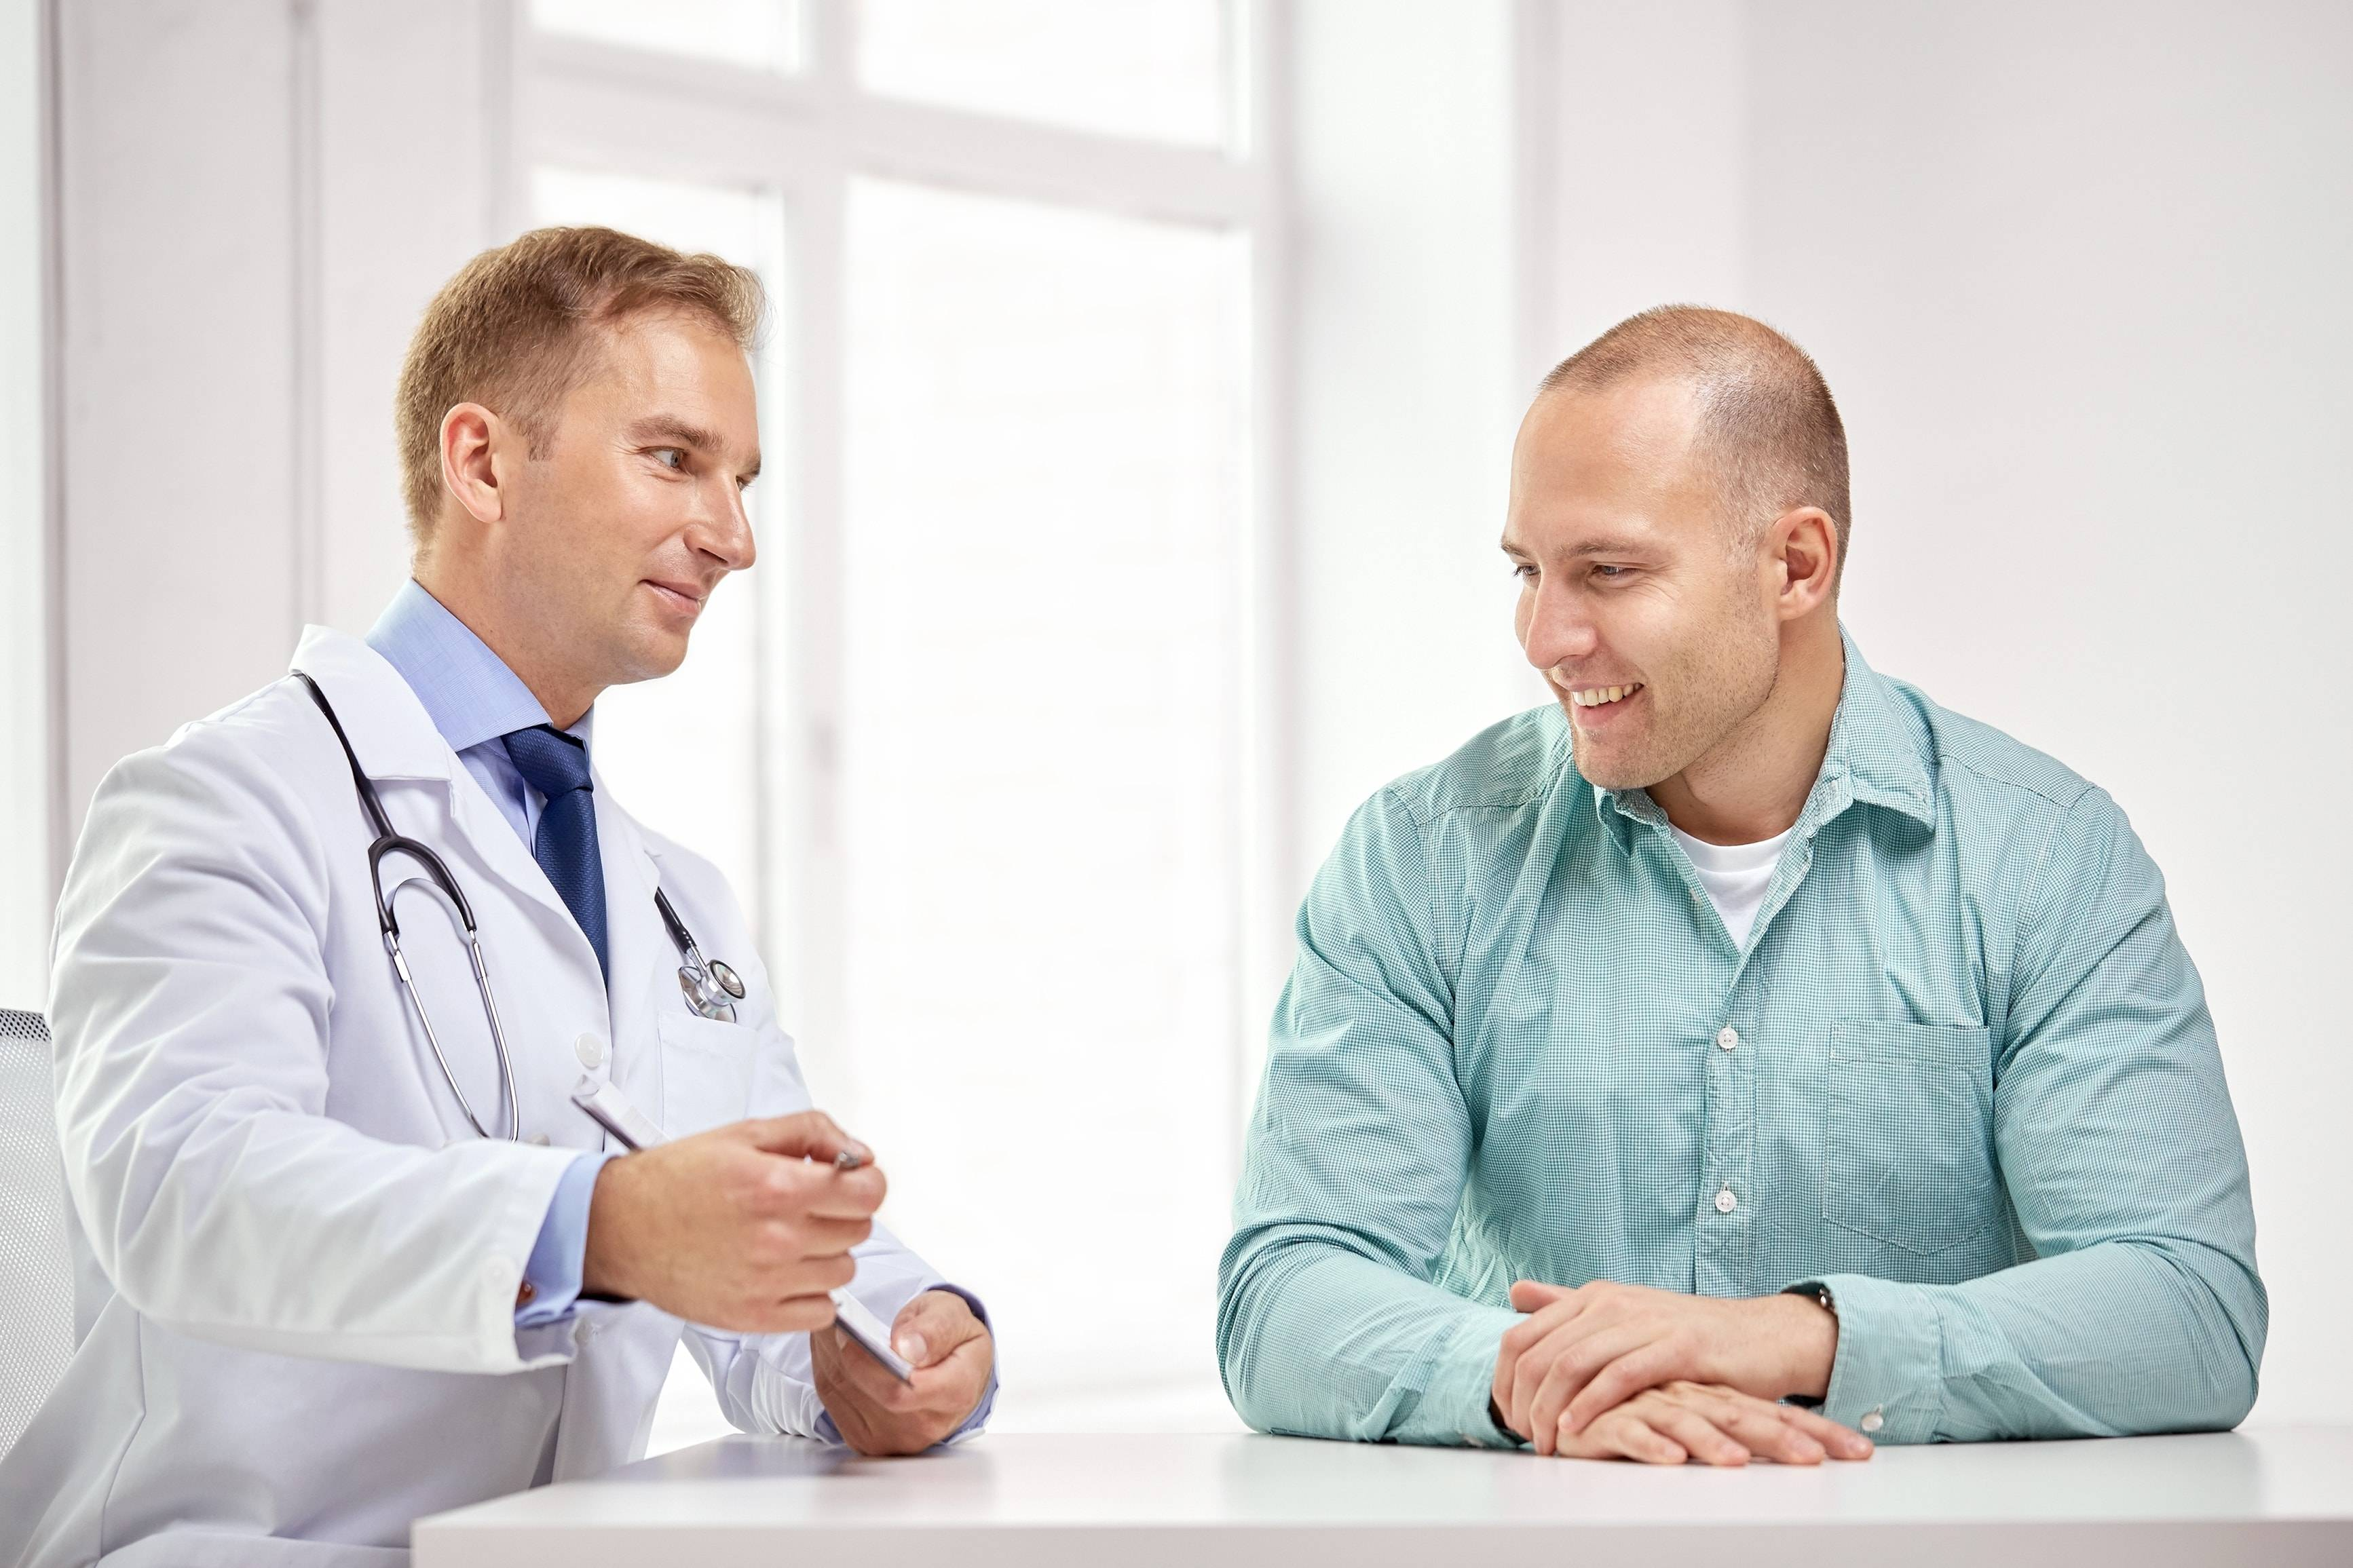 Олигоастенозооспермия что это такое и как лечить видео